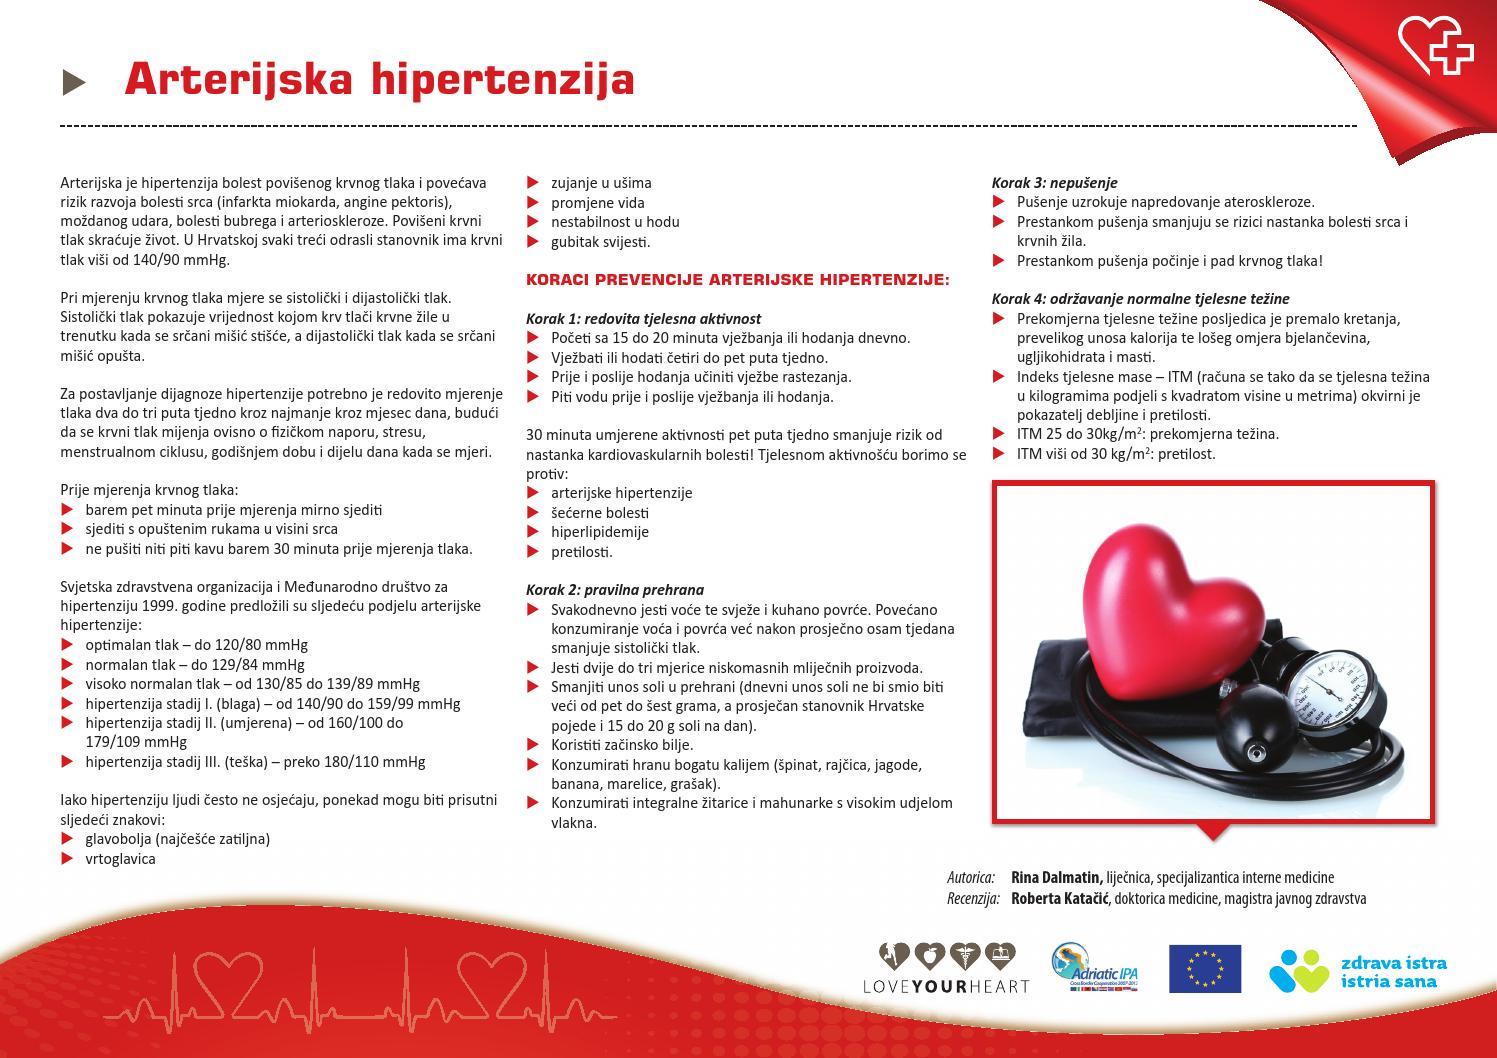 hipertenzija, promjene vida